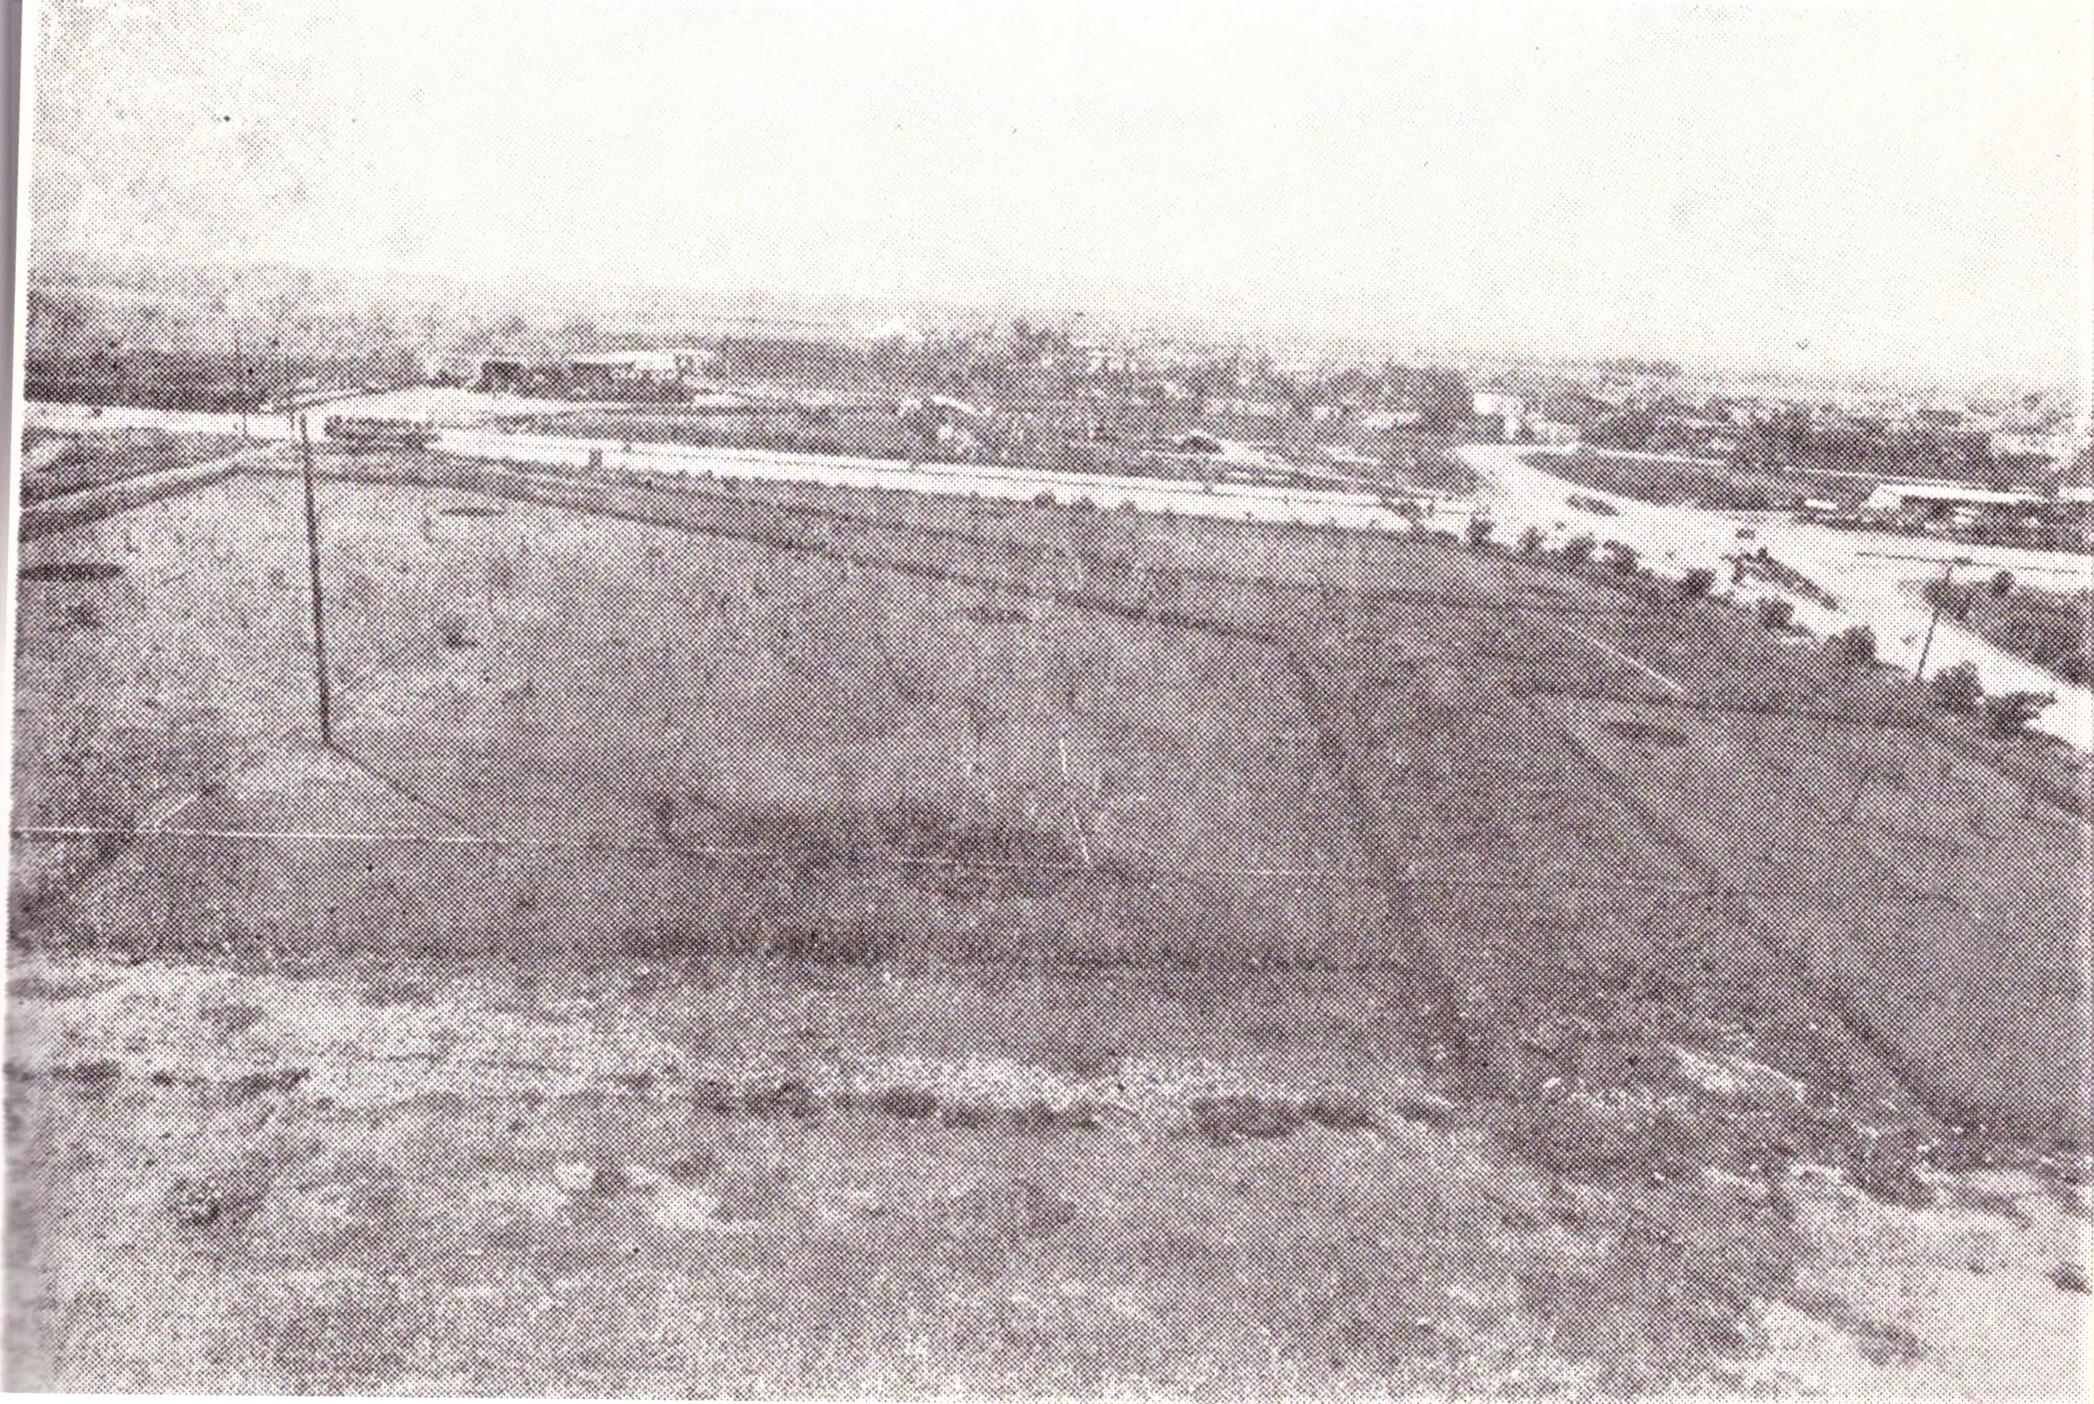 Η  διασταύρωση του Αγίου Δημητρίου στο Αγρίνιο αρχές της δεκαετίας του '70